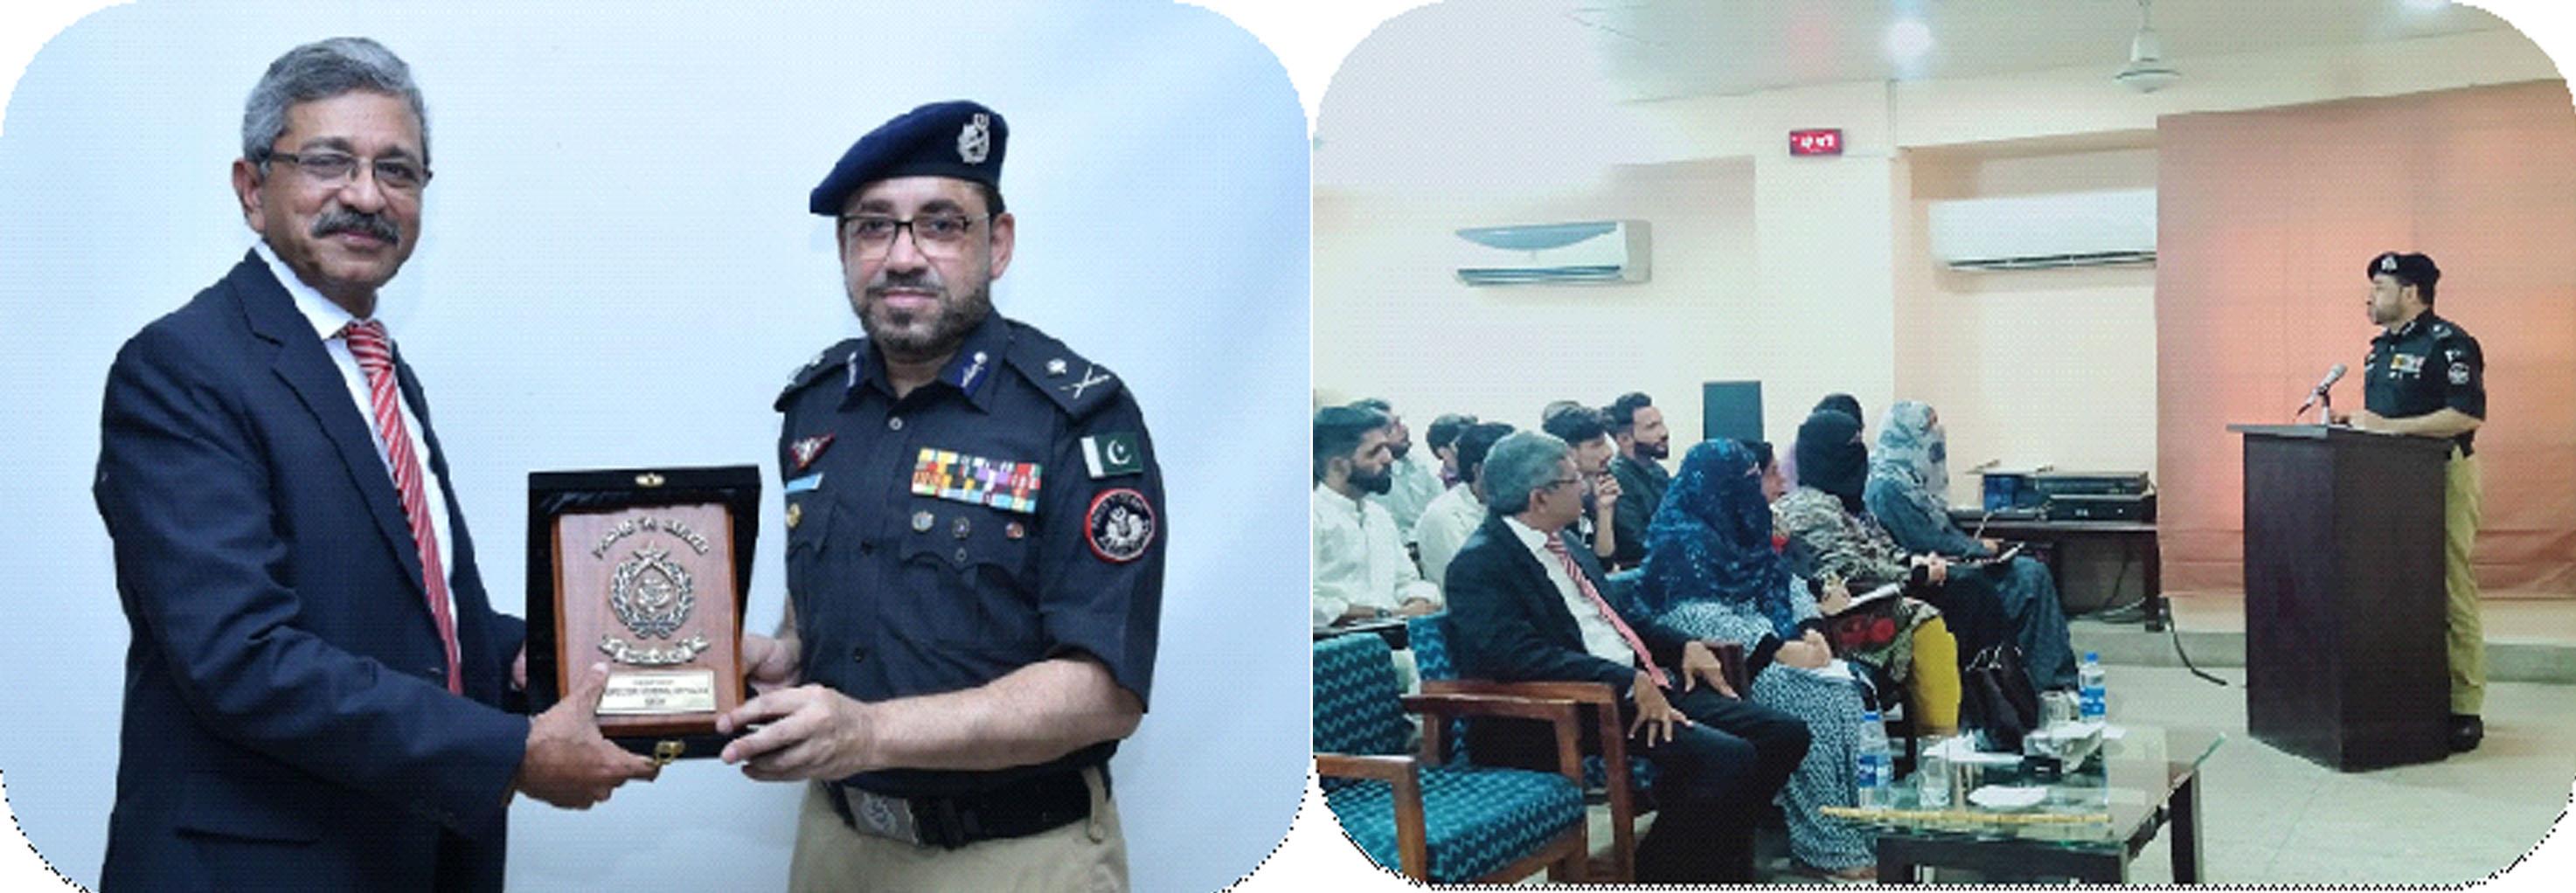 Guest Speaker Session - IG Sindh Dr. Kaleem Imam